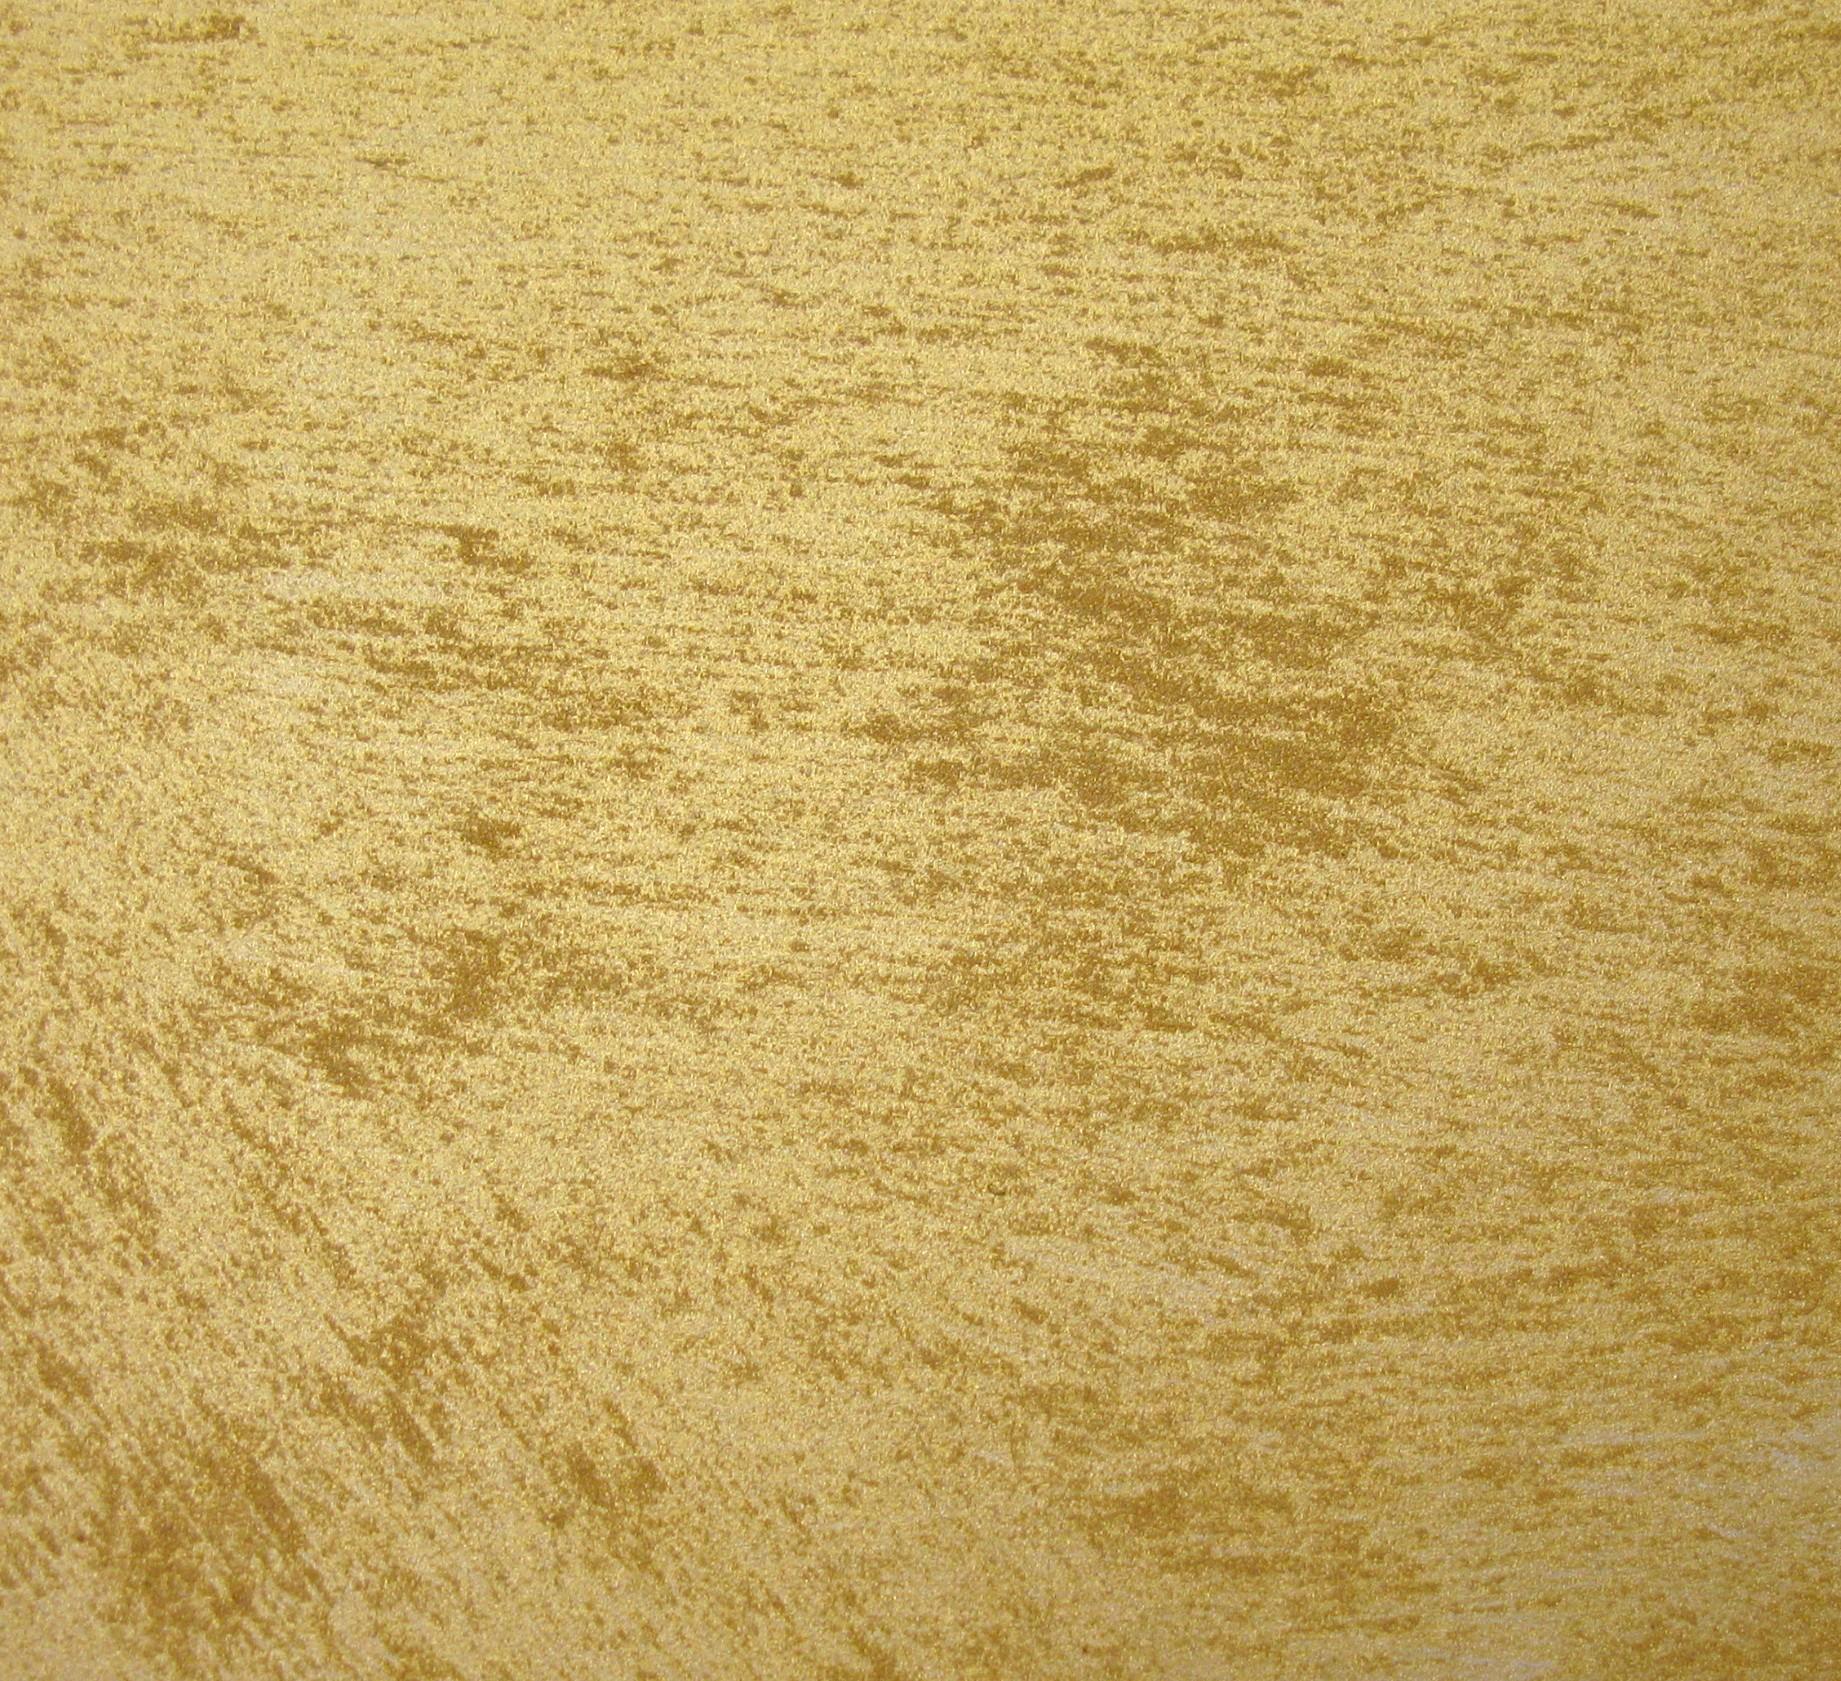 Pin texture intonaco rustico on pinterest for Intonaco rustico